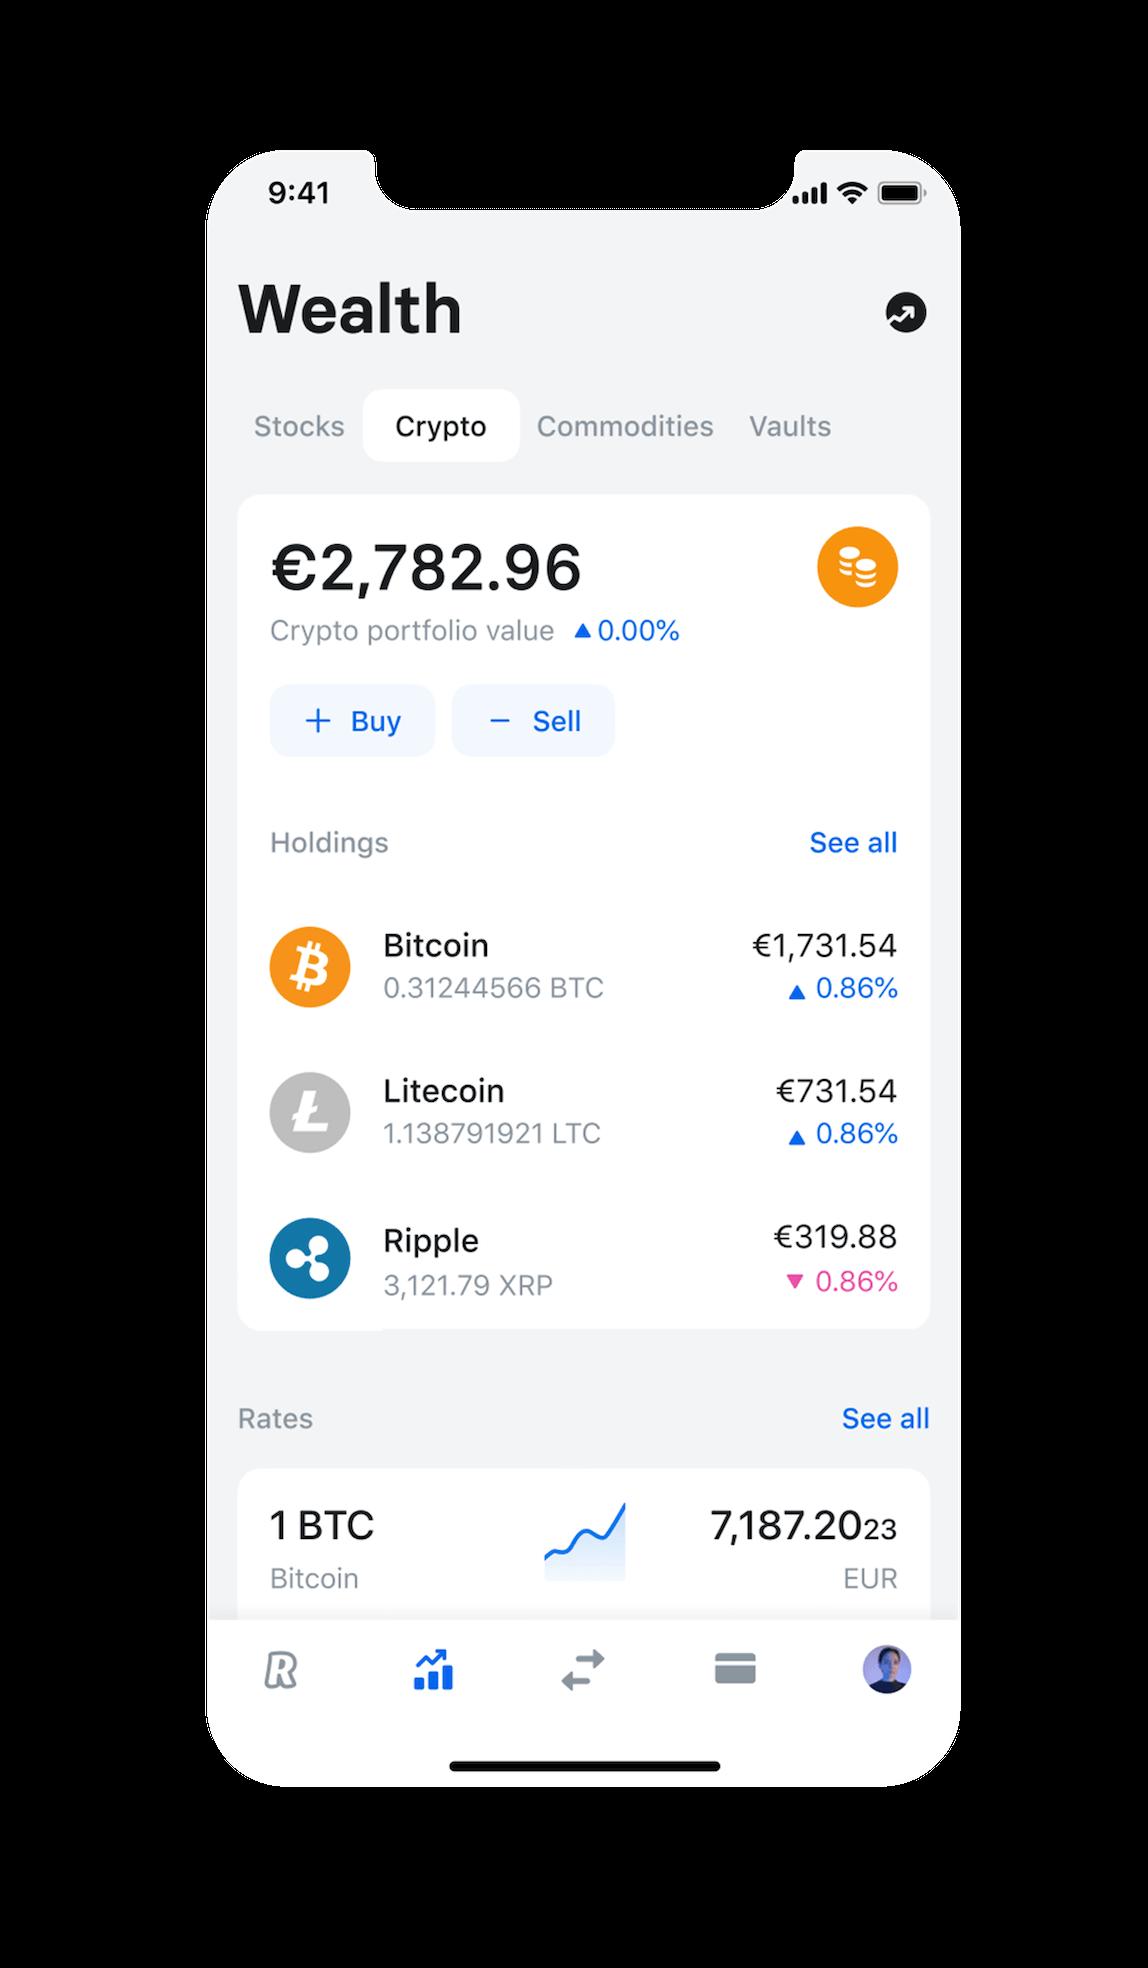 este posibil să retragi bani de la bitcoins opțiuni binare sau